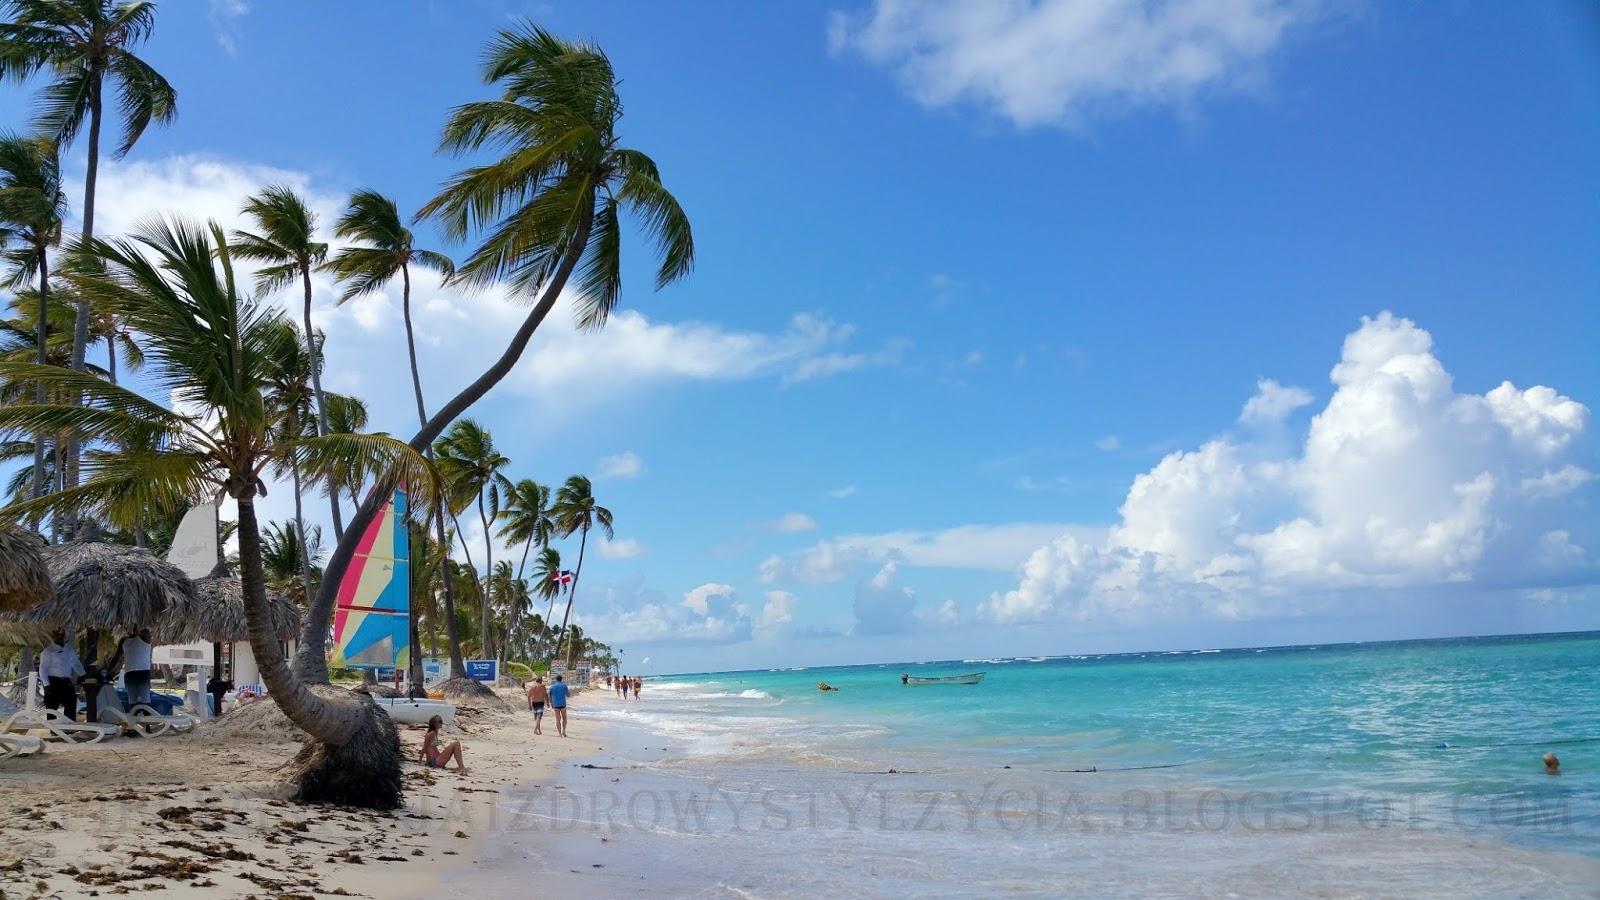 Karaiby: Dominikana | Czy warto polecieć na Dominikanę?